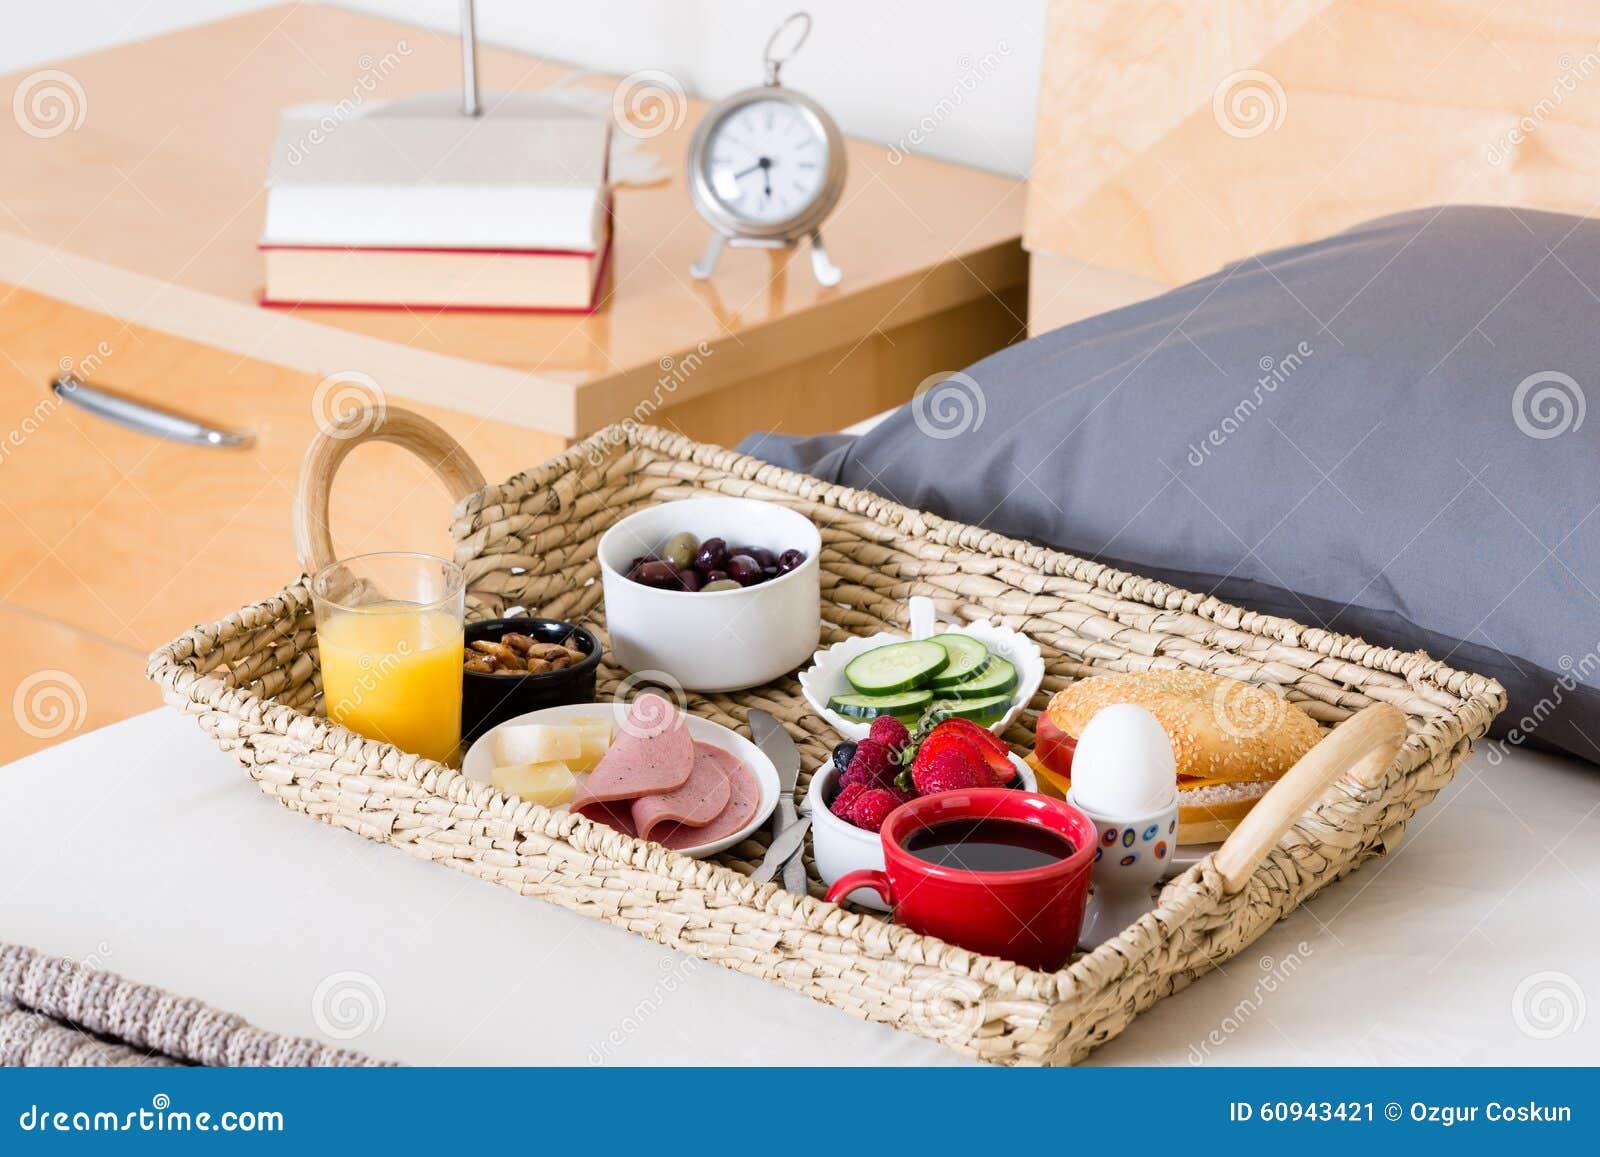 Tavoli Per Colazione A Letto : Tavolo colazione a letto u oobb